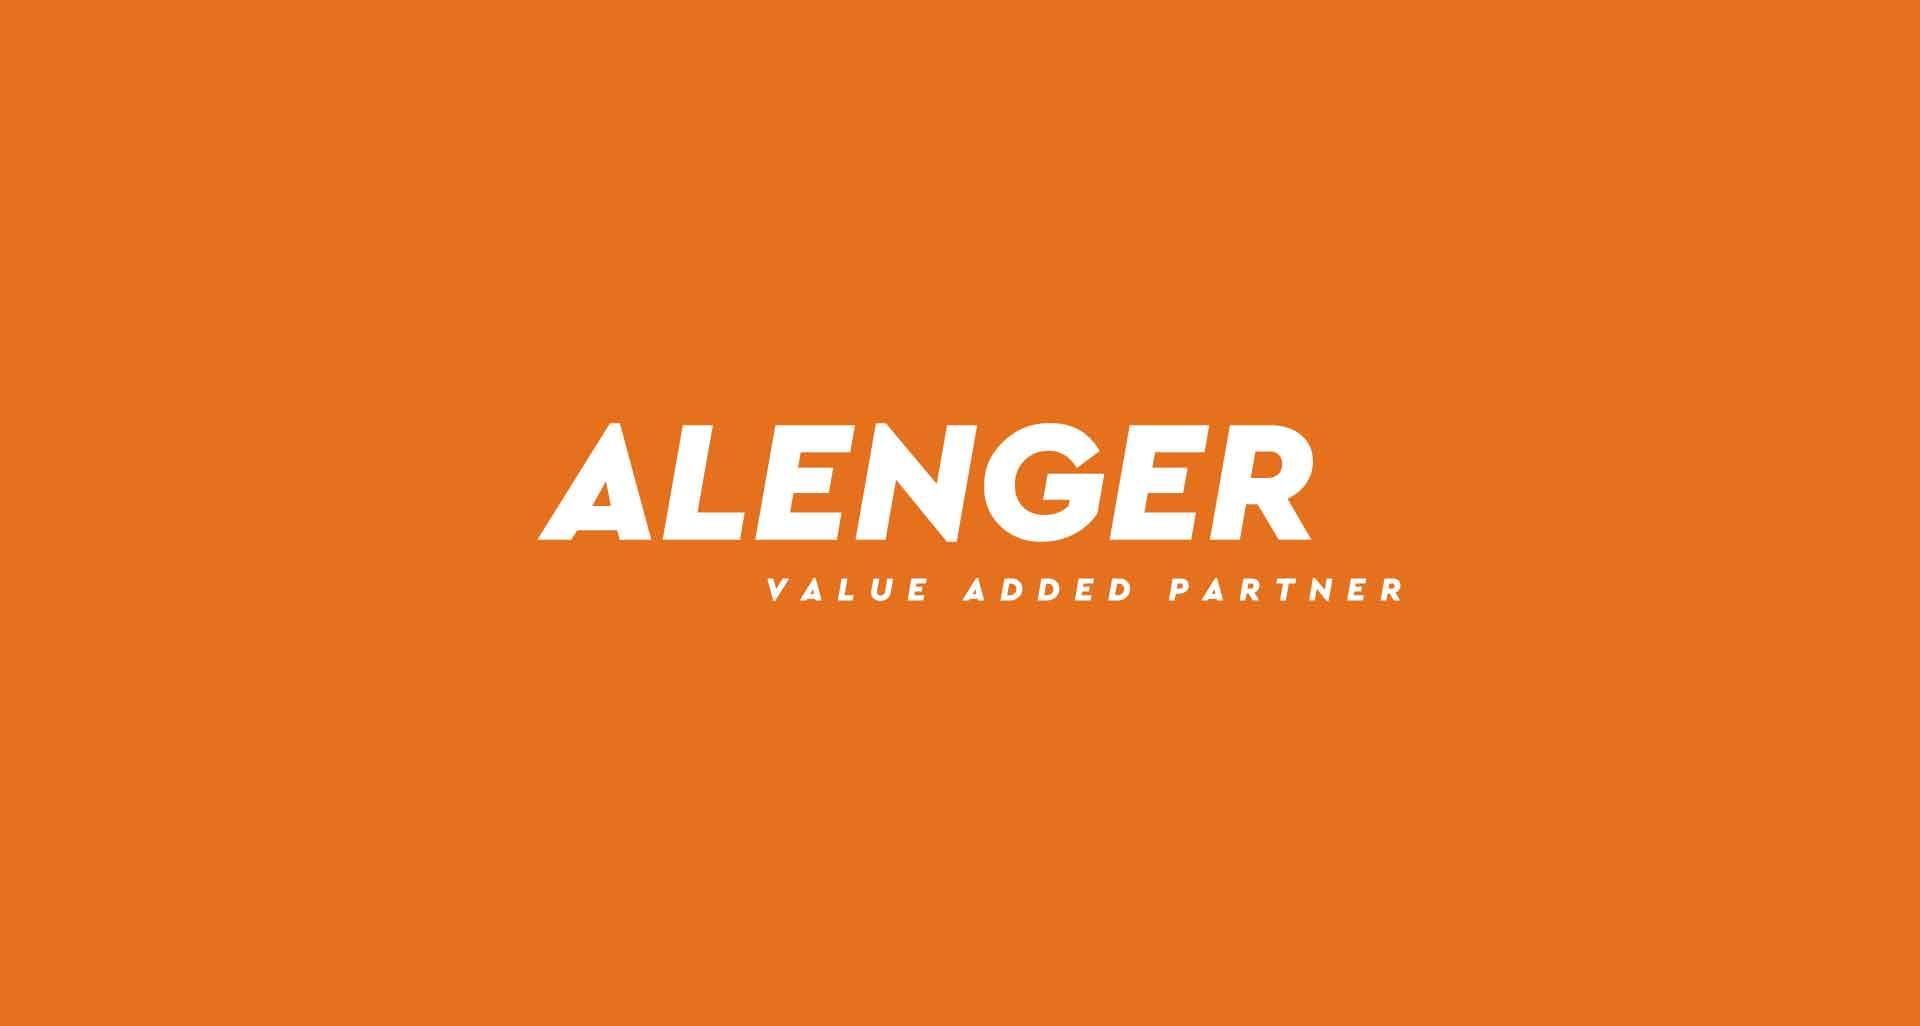 Refonte de l'identité graphique pour Alenger par l'agence Cassian